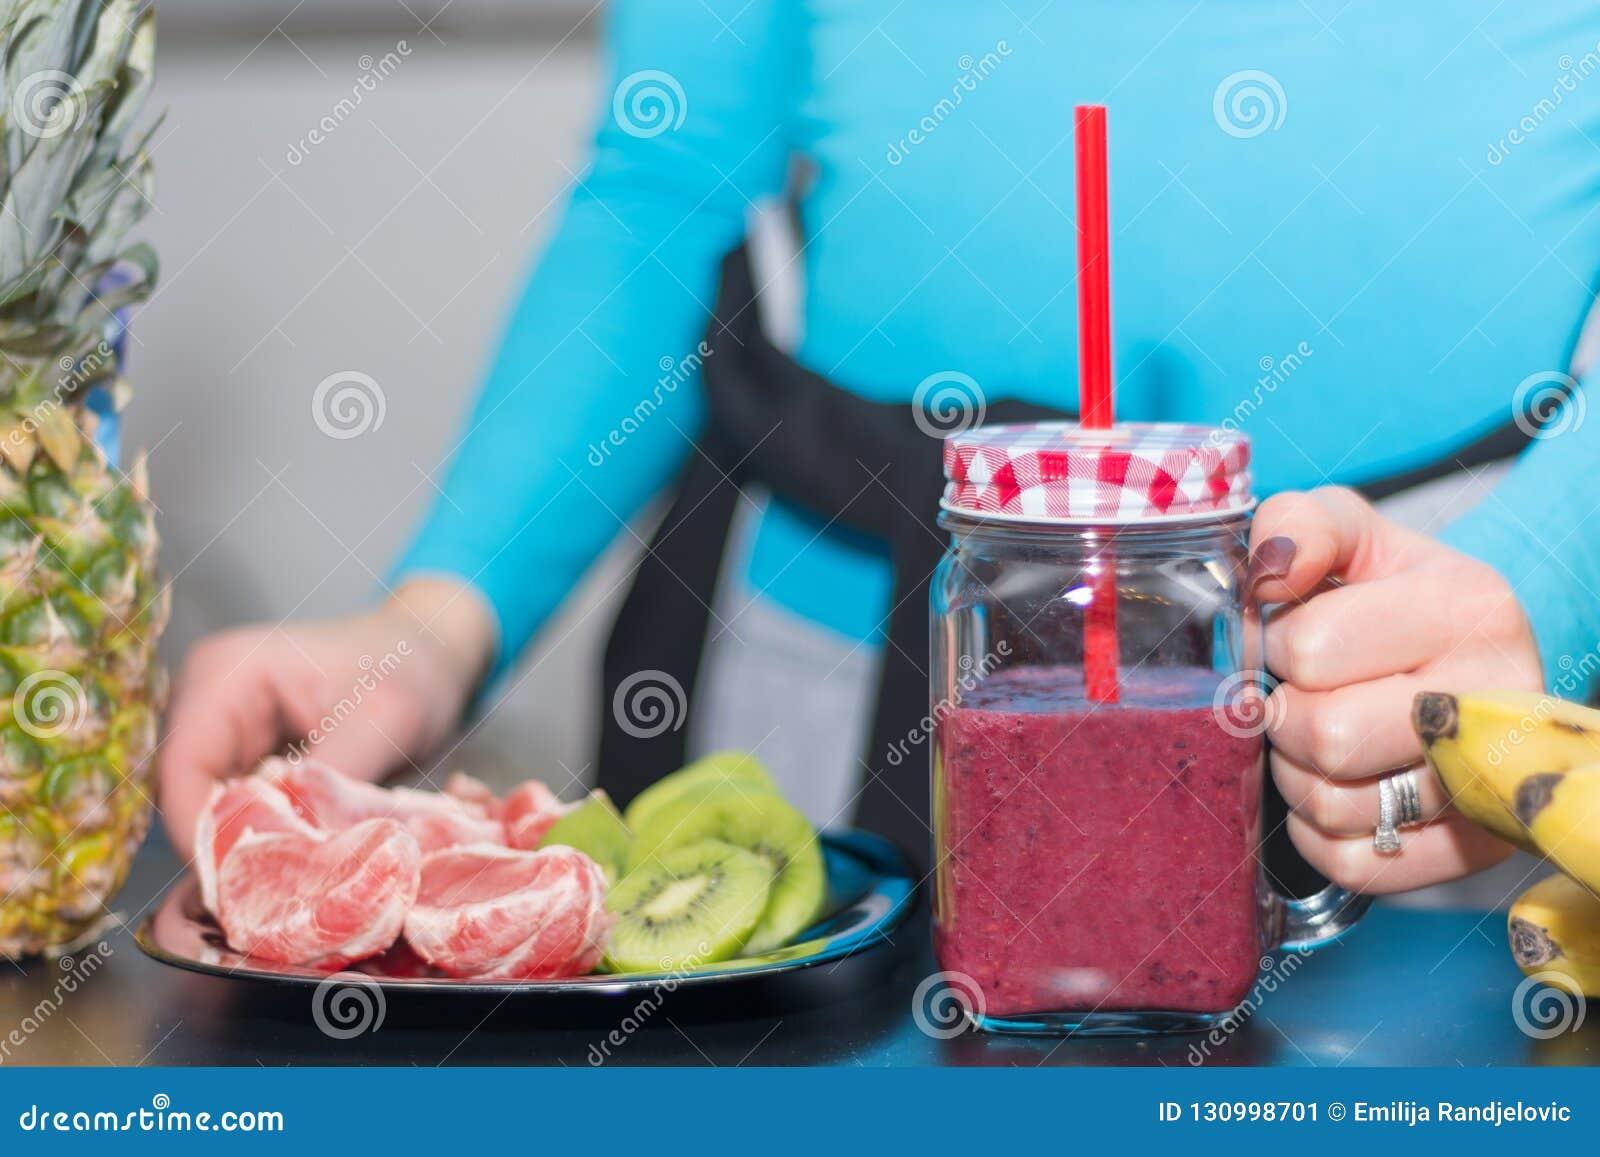 Tasses de pot de maçon de participation de fille remplies de smoothie rouge